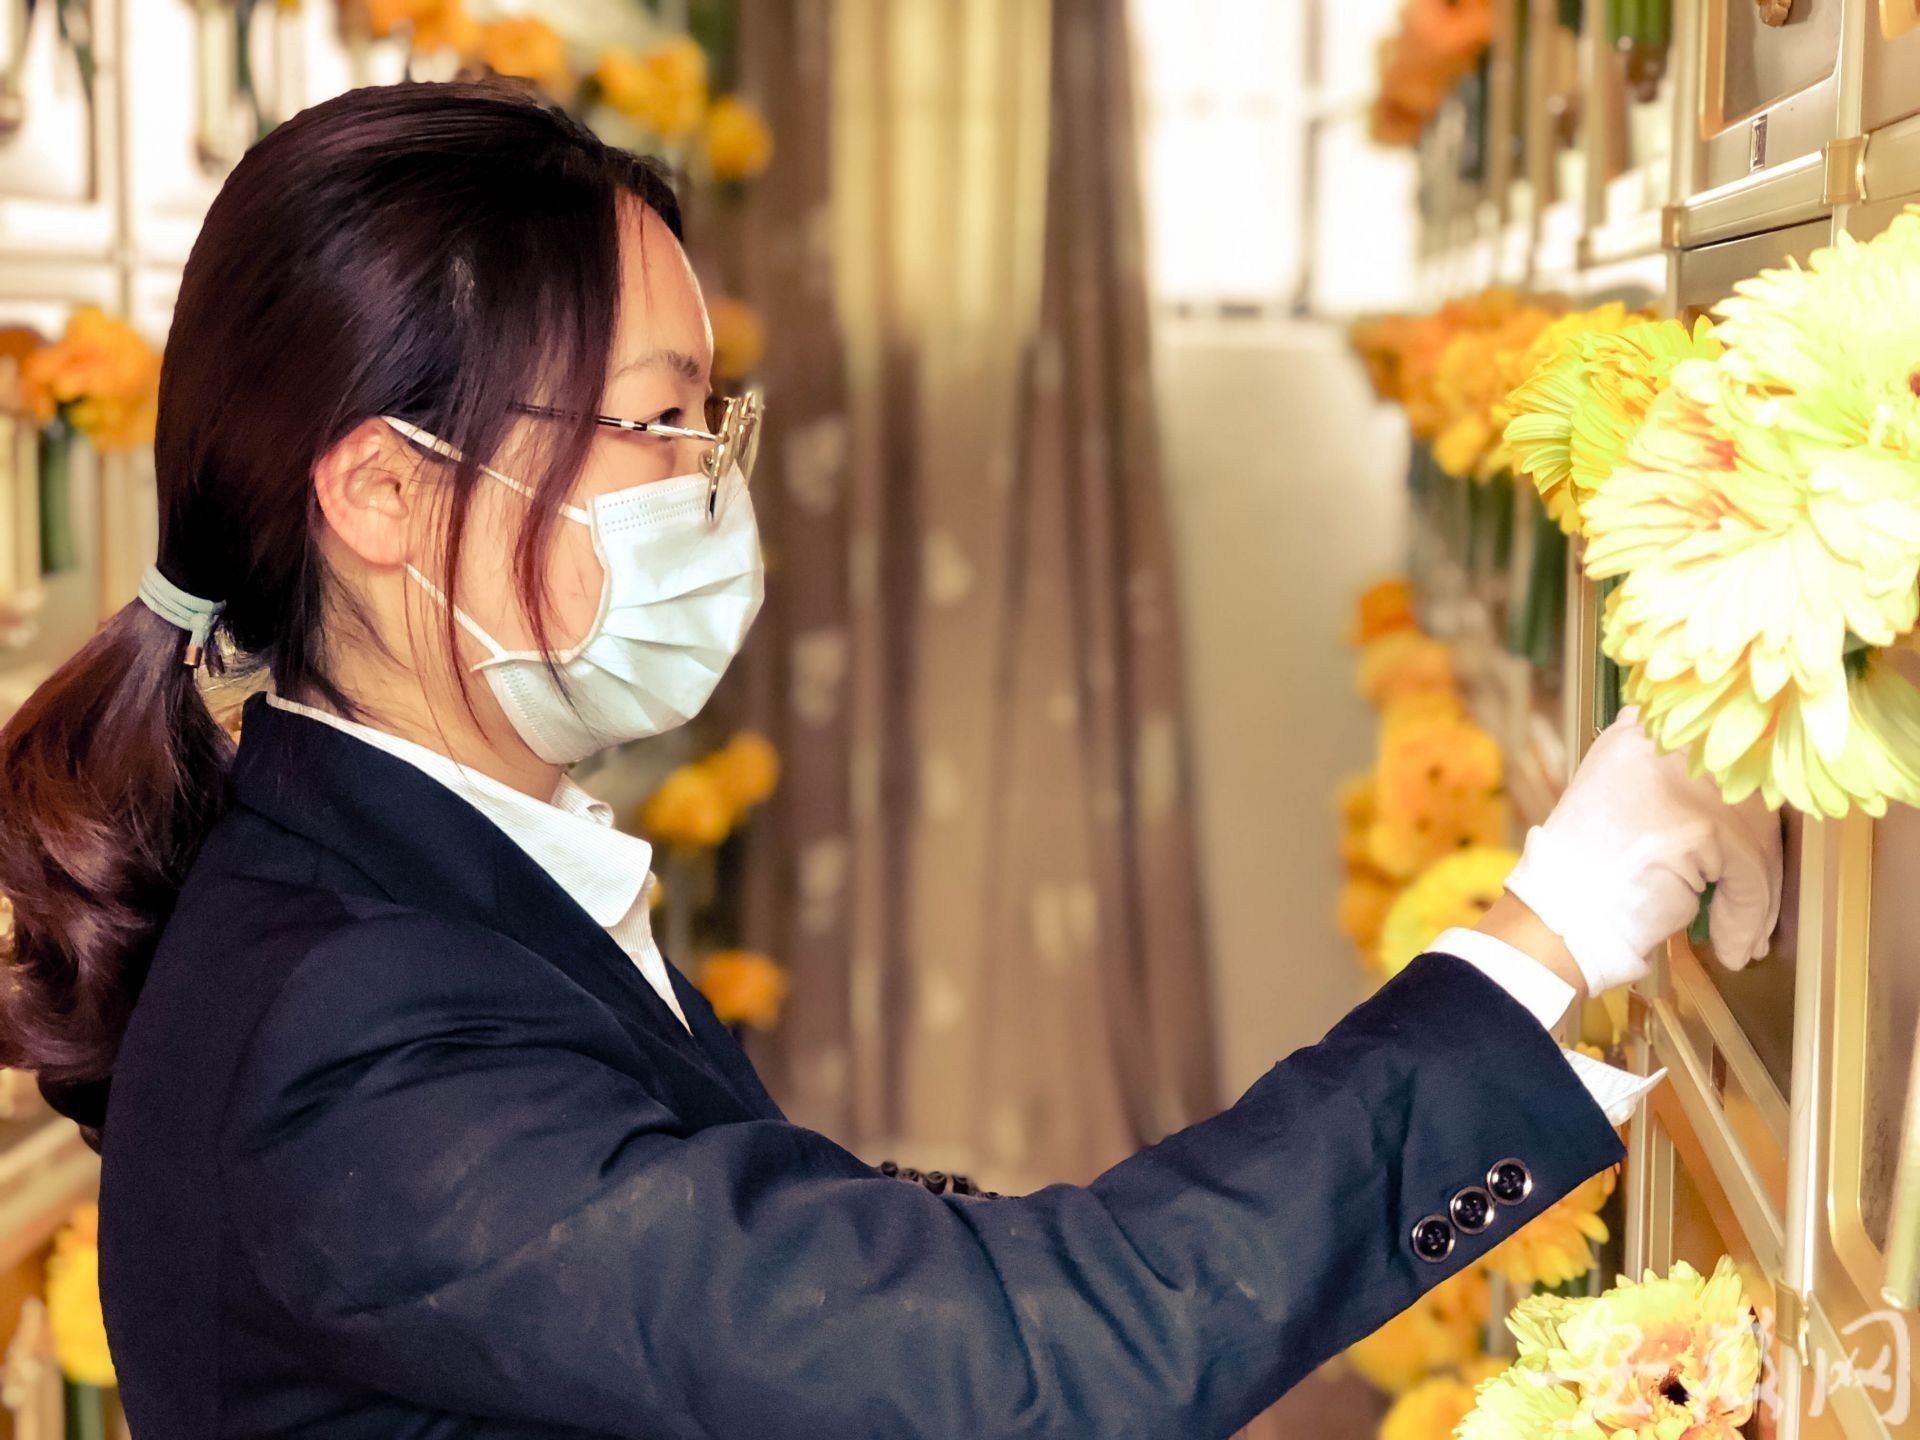 http://www.edaojz.cn/caijingjingji/556610.html